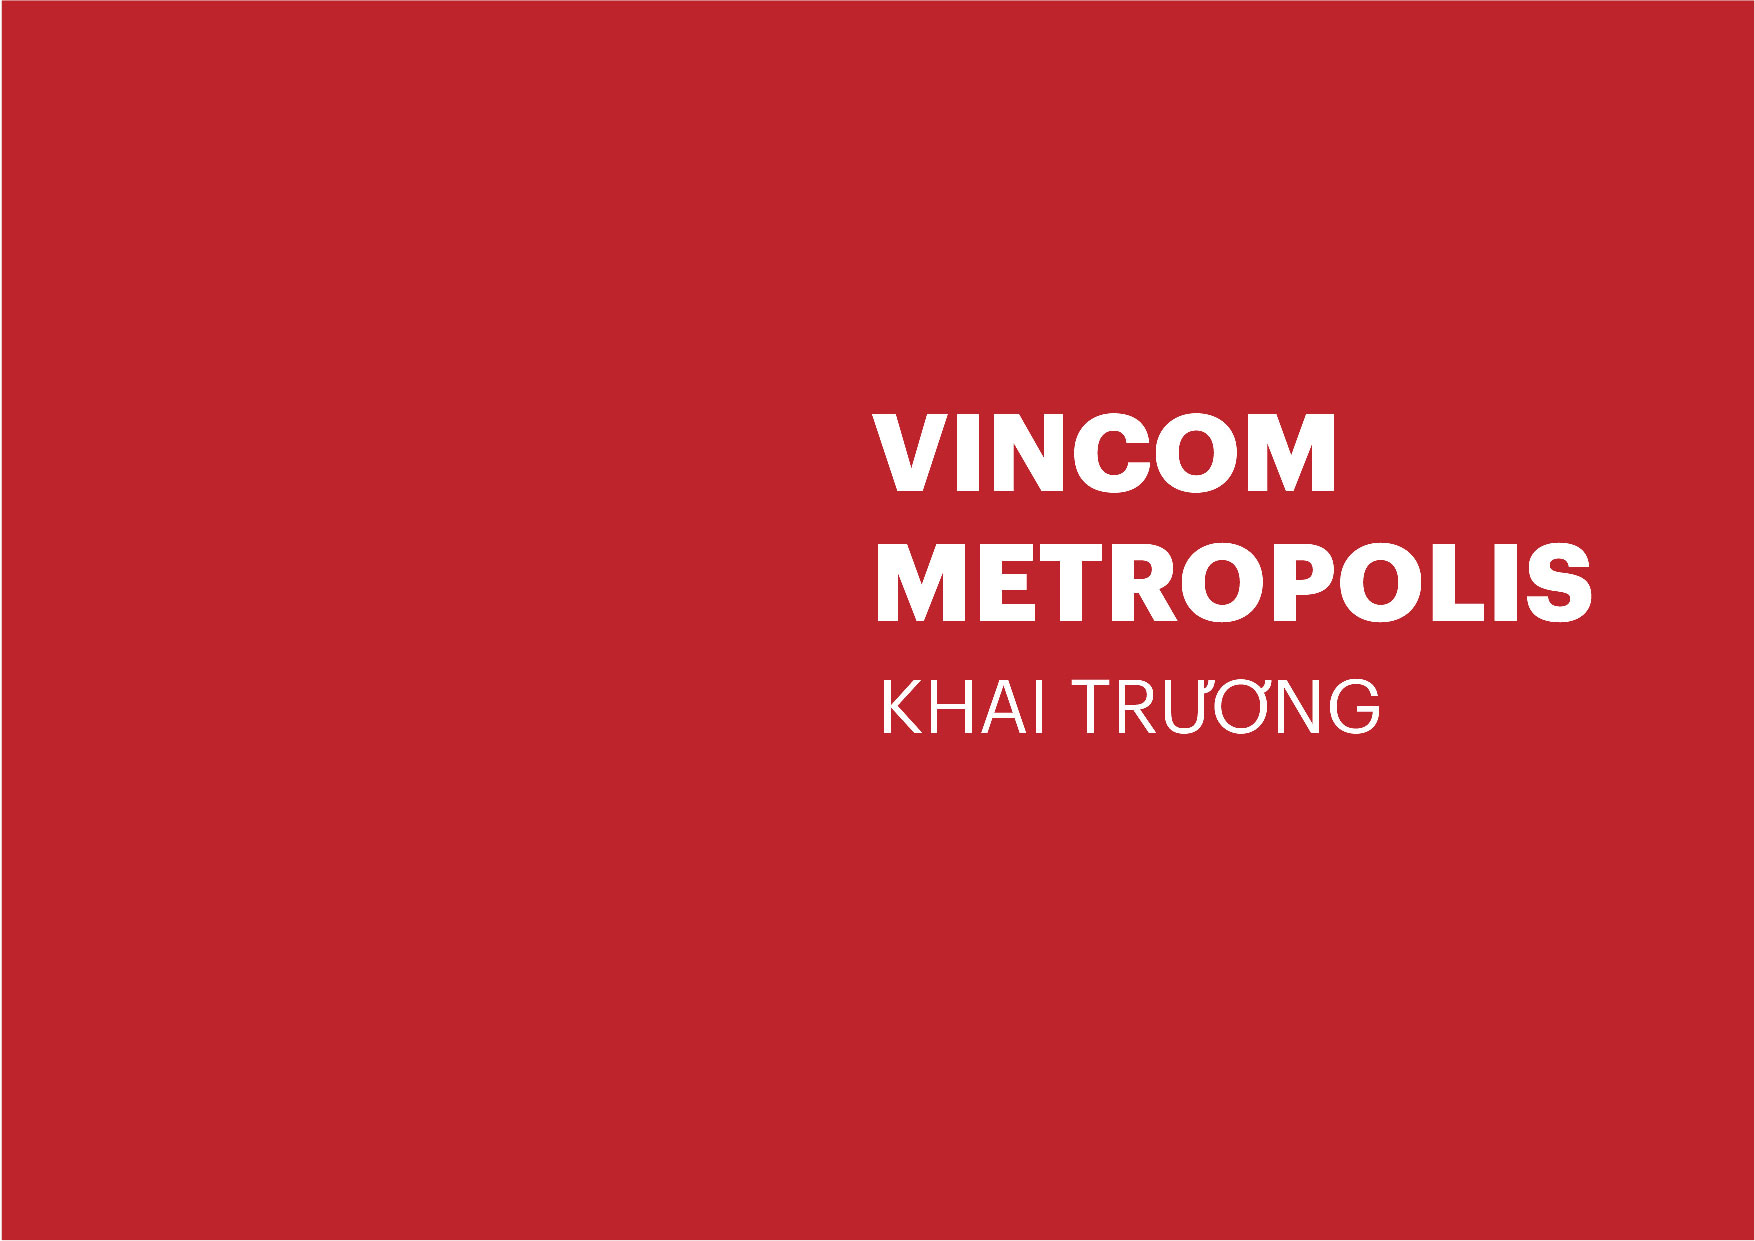 Vincom-02